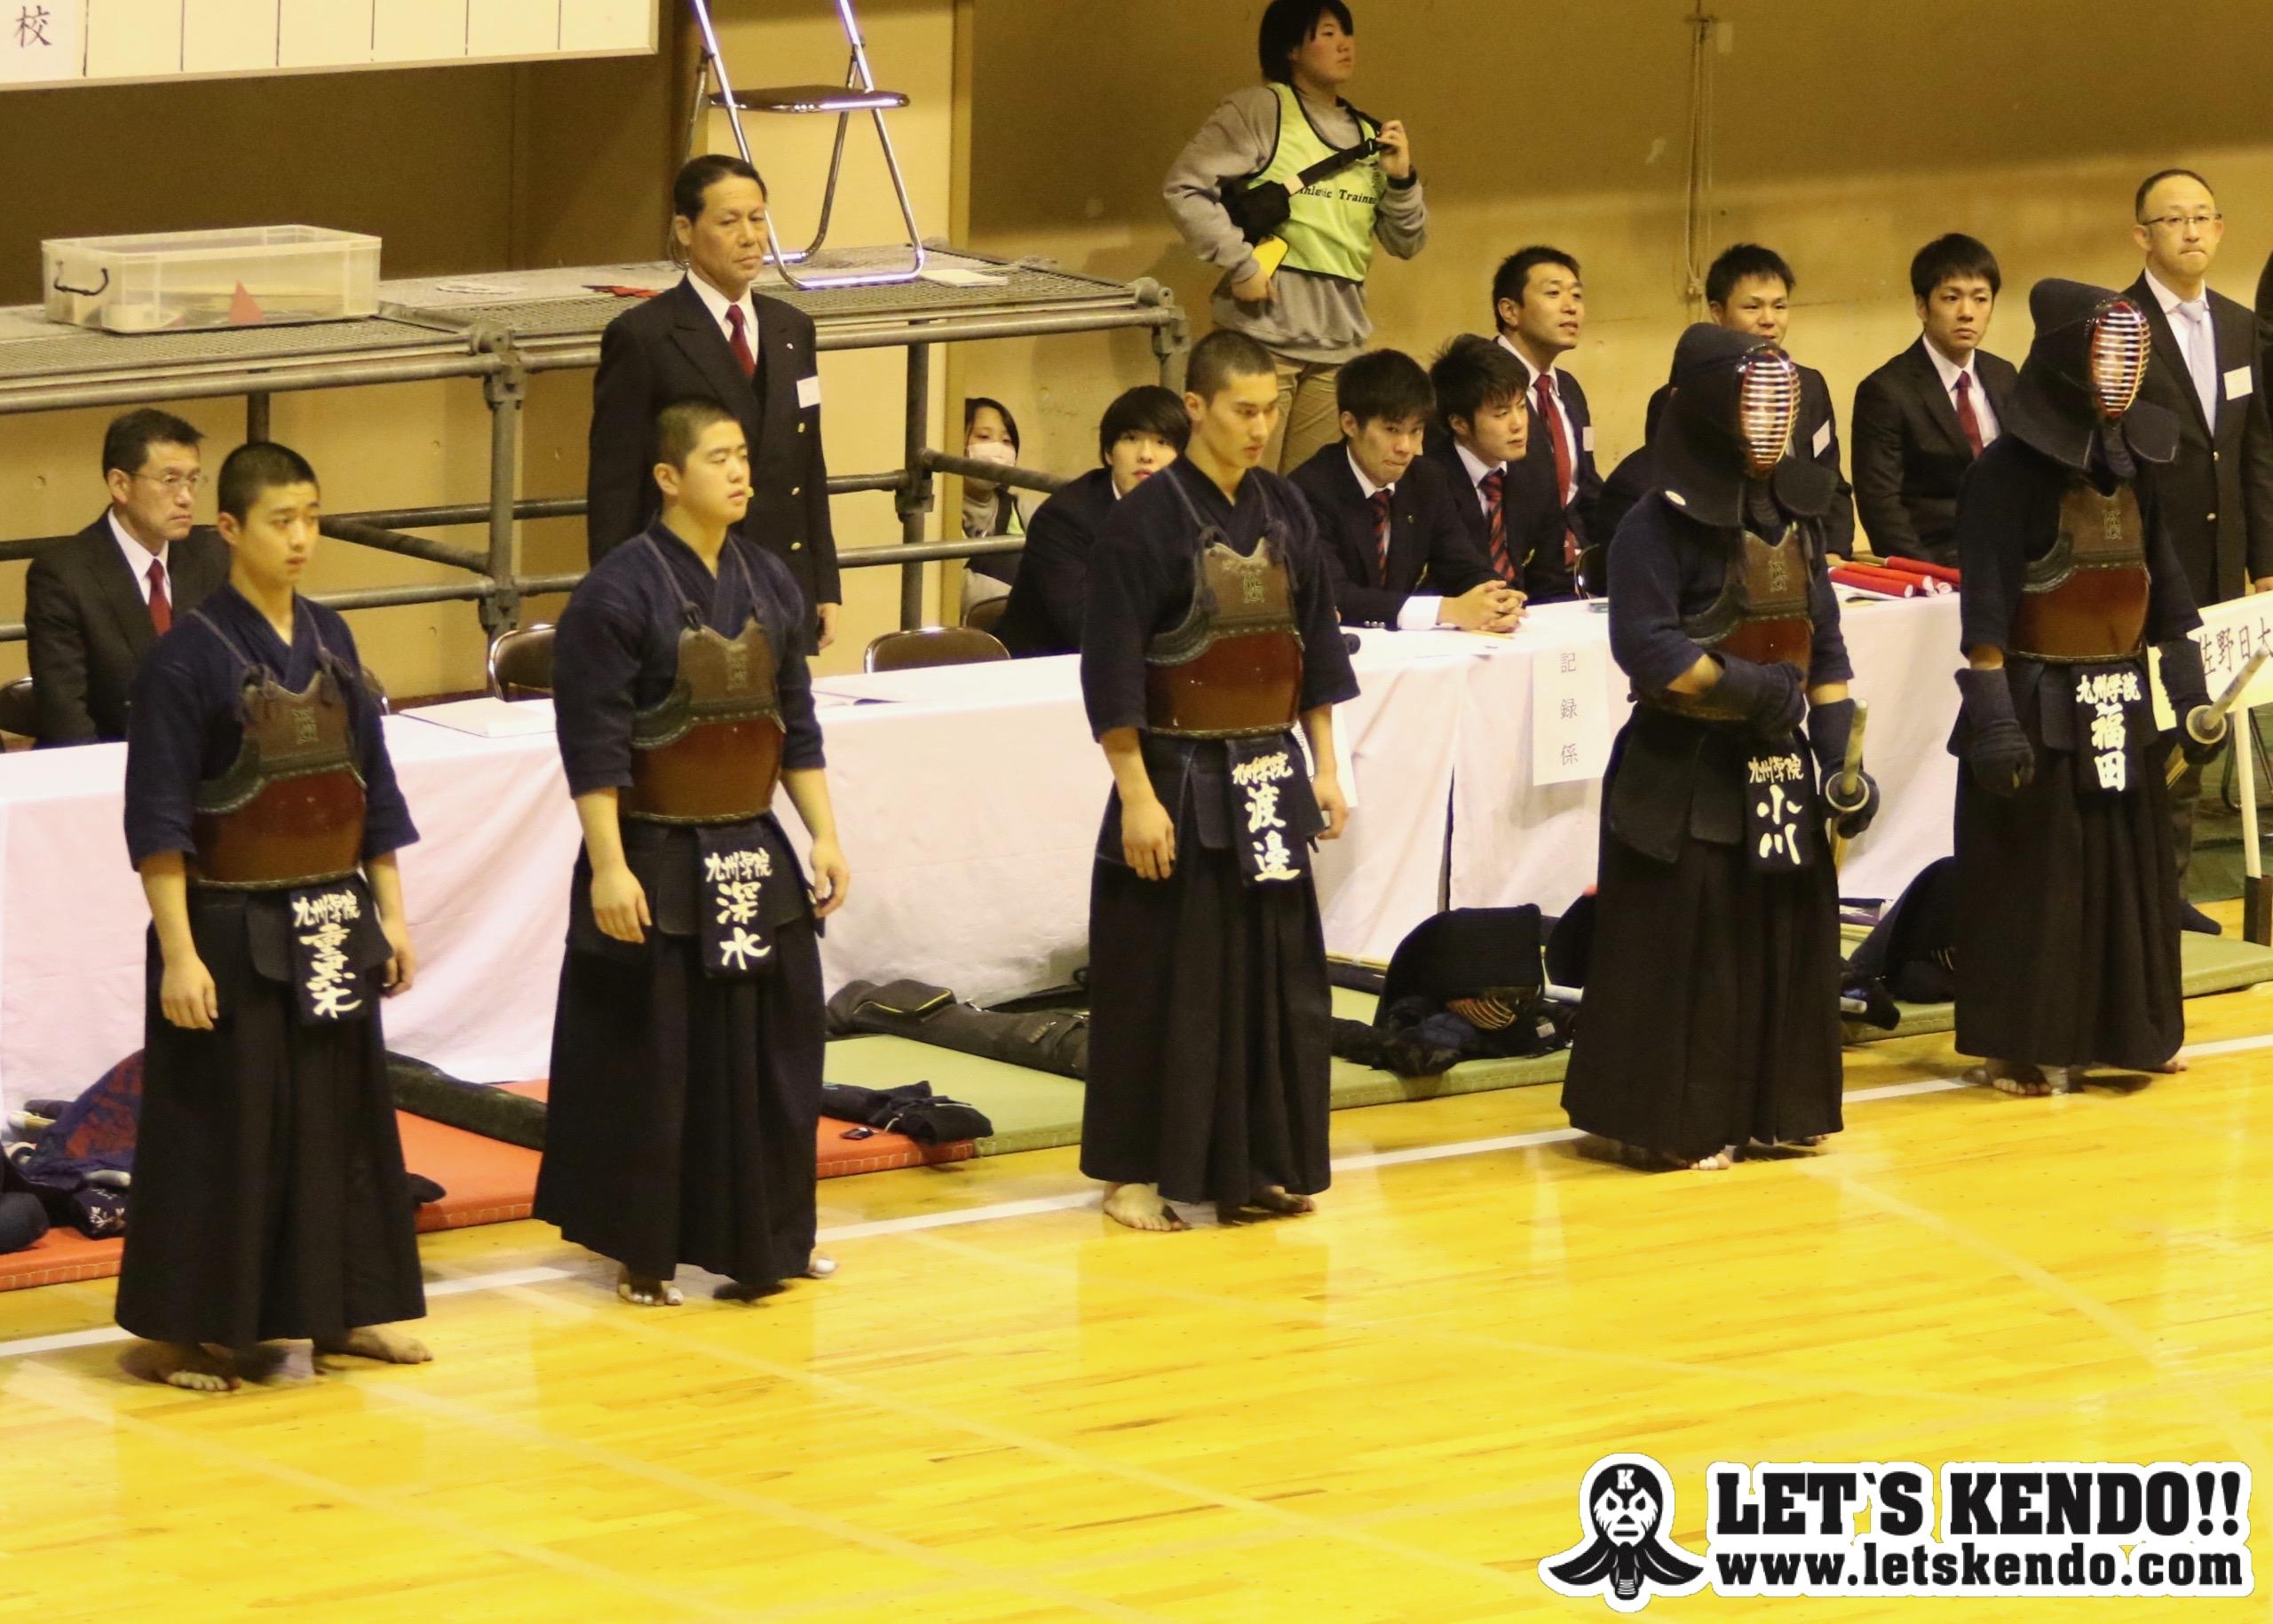 【大会情報】3/26〜28 H30全国高校剣道選抜大会・予選結果